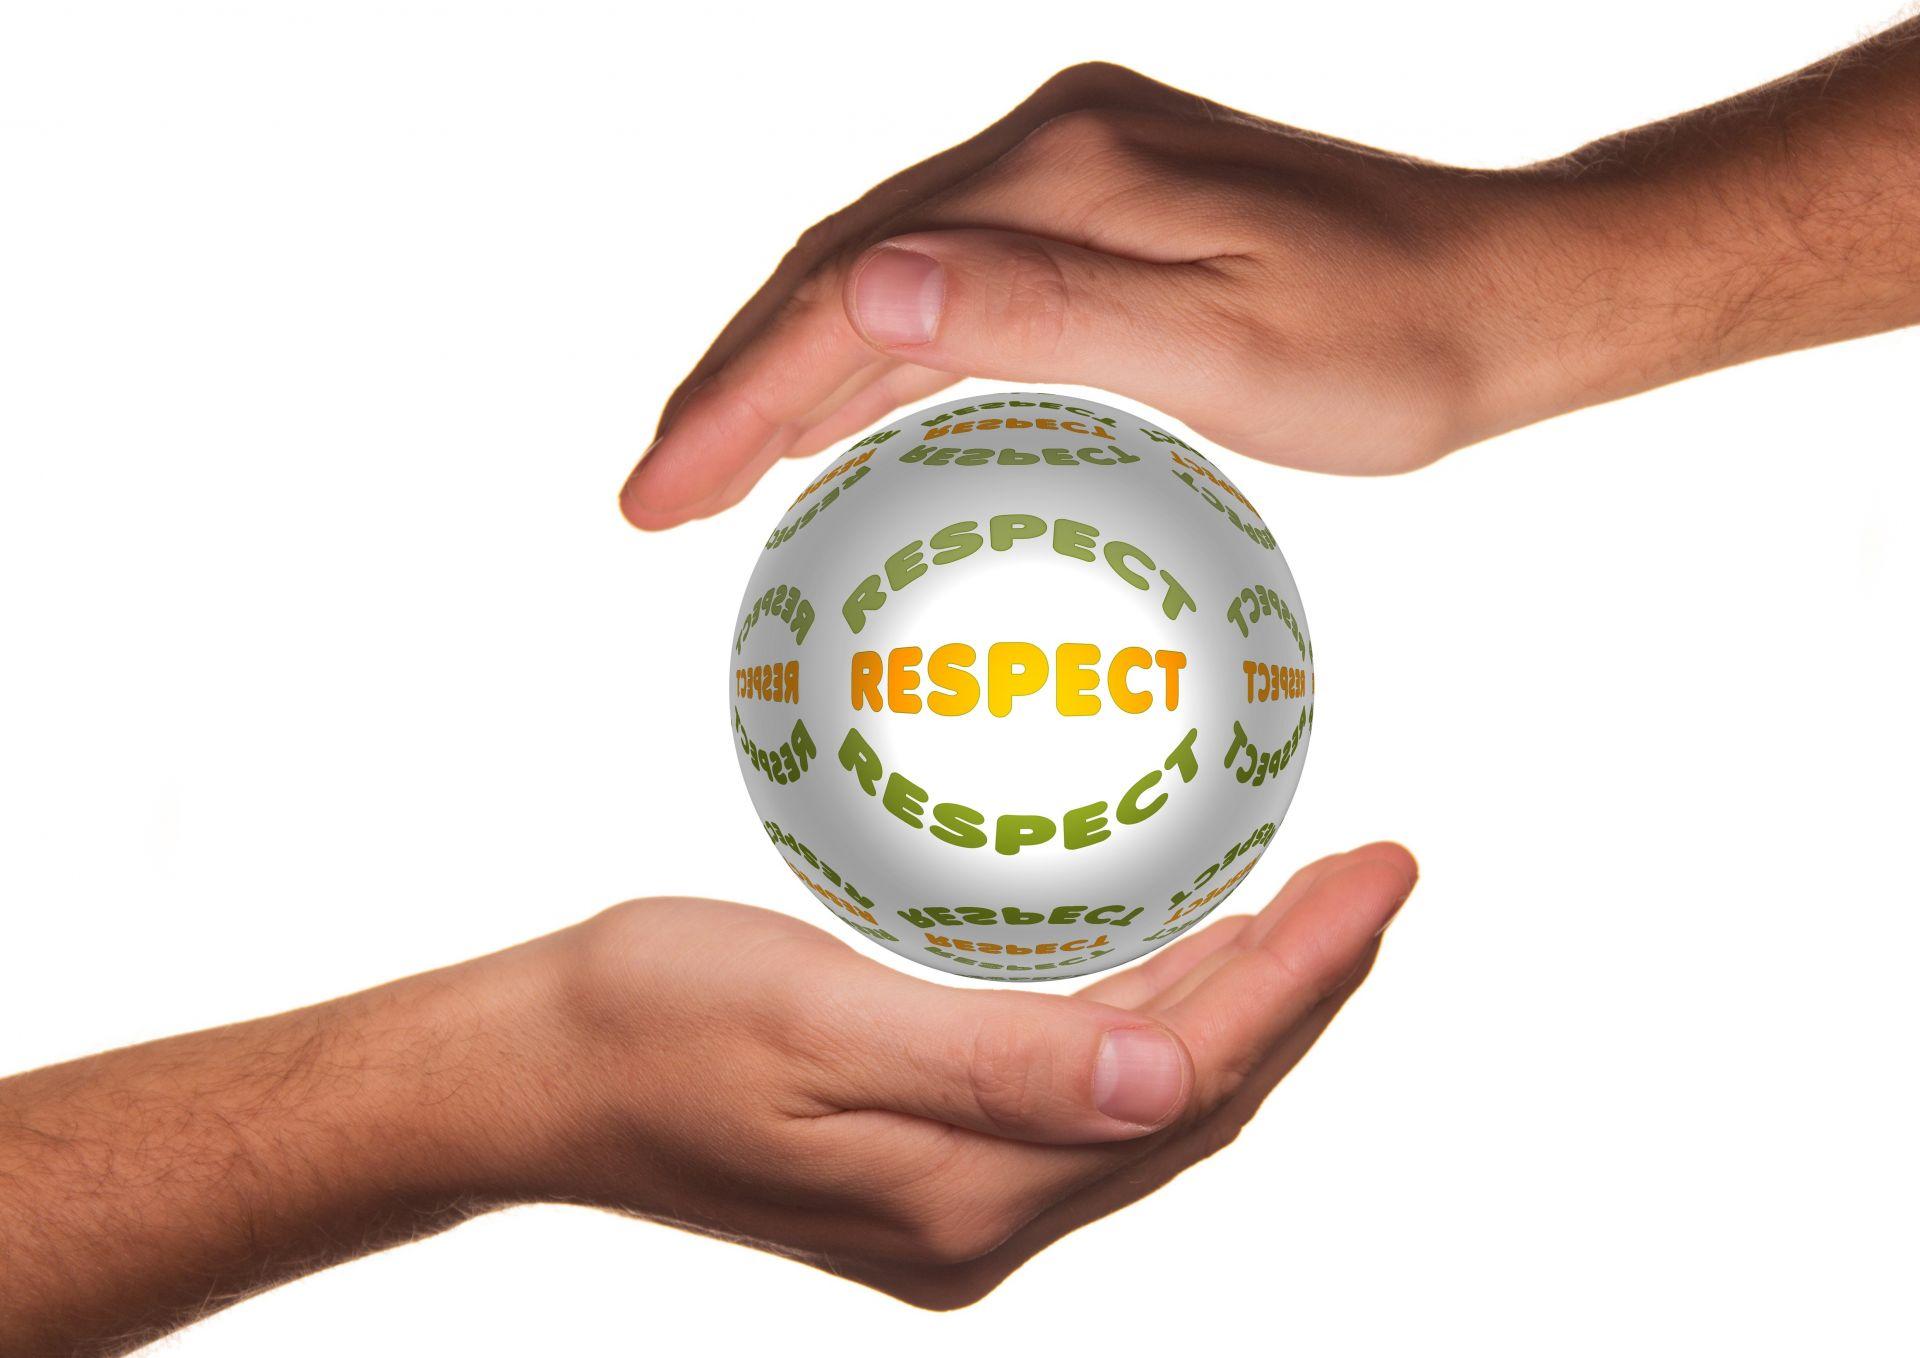 Vasemmalla olevan kämmenen päällä on pallo, jossa lukee respect. Oikeanpuoleinen käsi on suojelevasti pallon päällä.